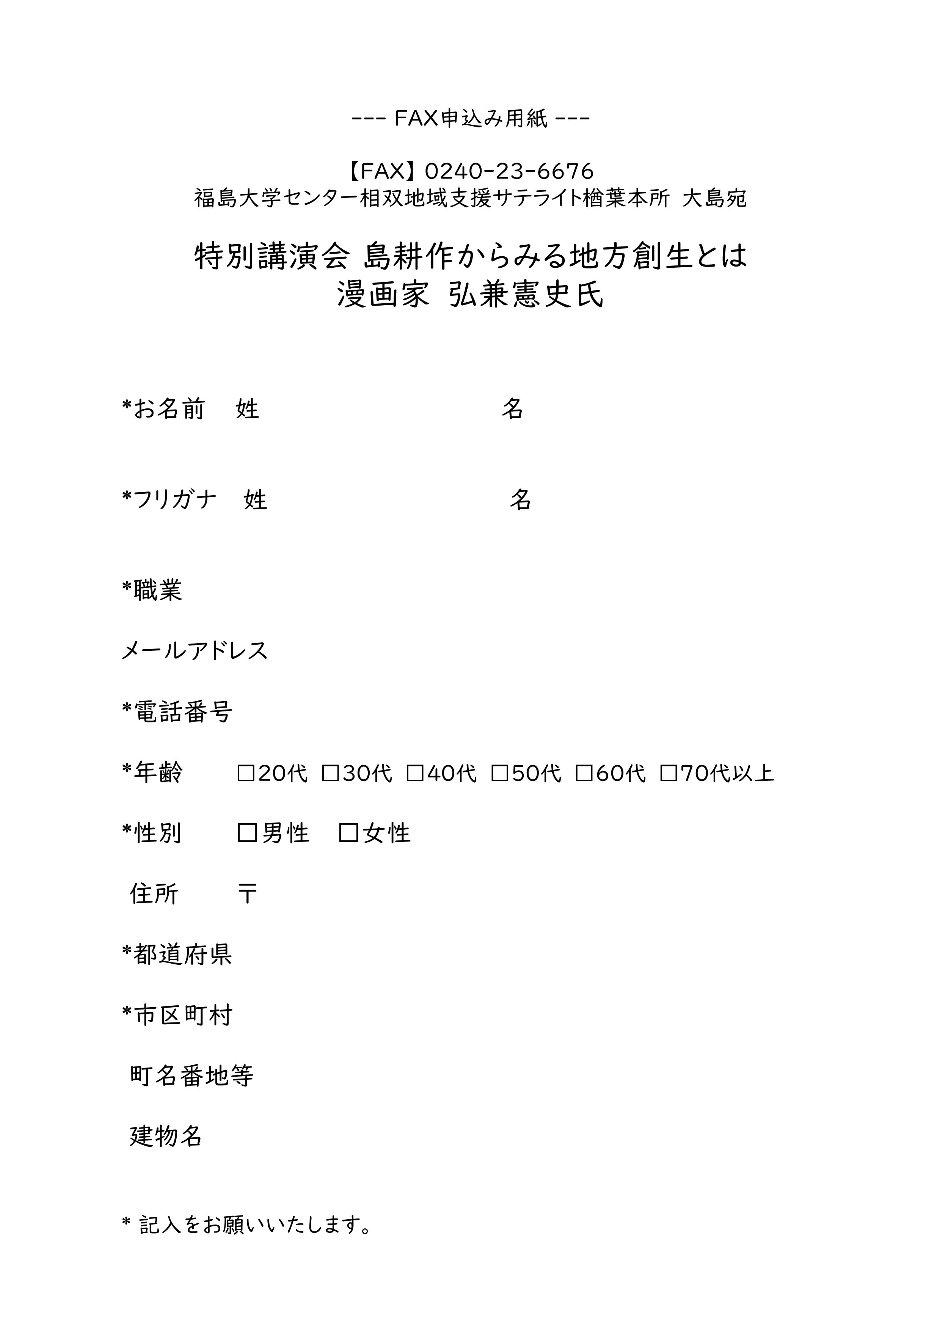 2020.1.19「島耕作からみる地方創生とは」弘兼憲史氏講演会